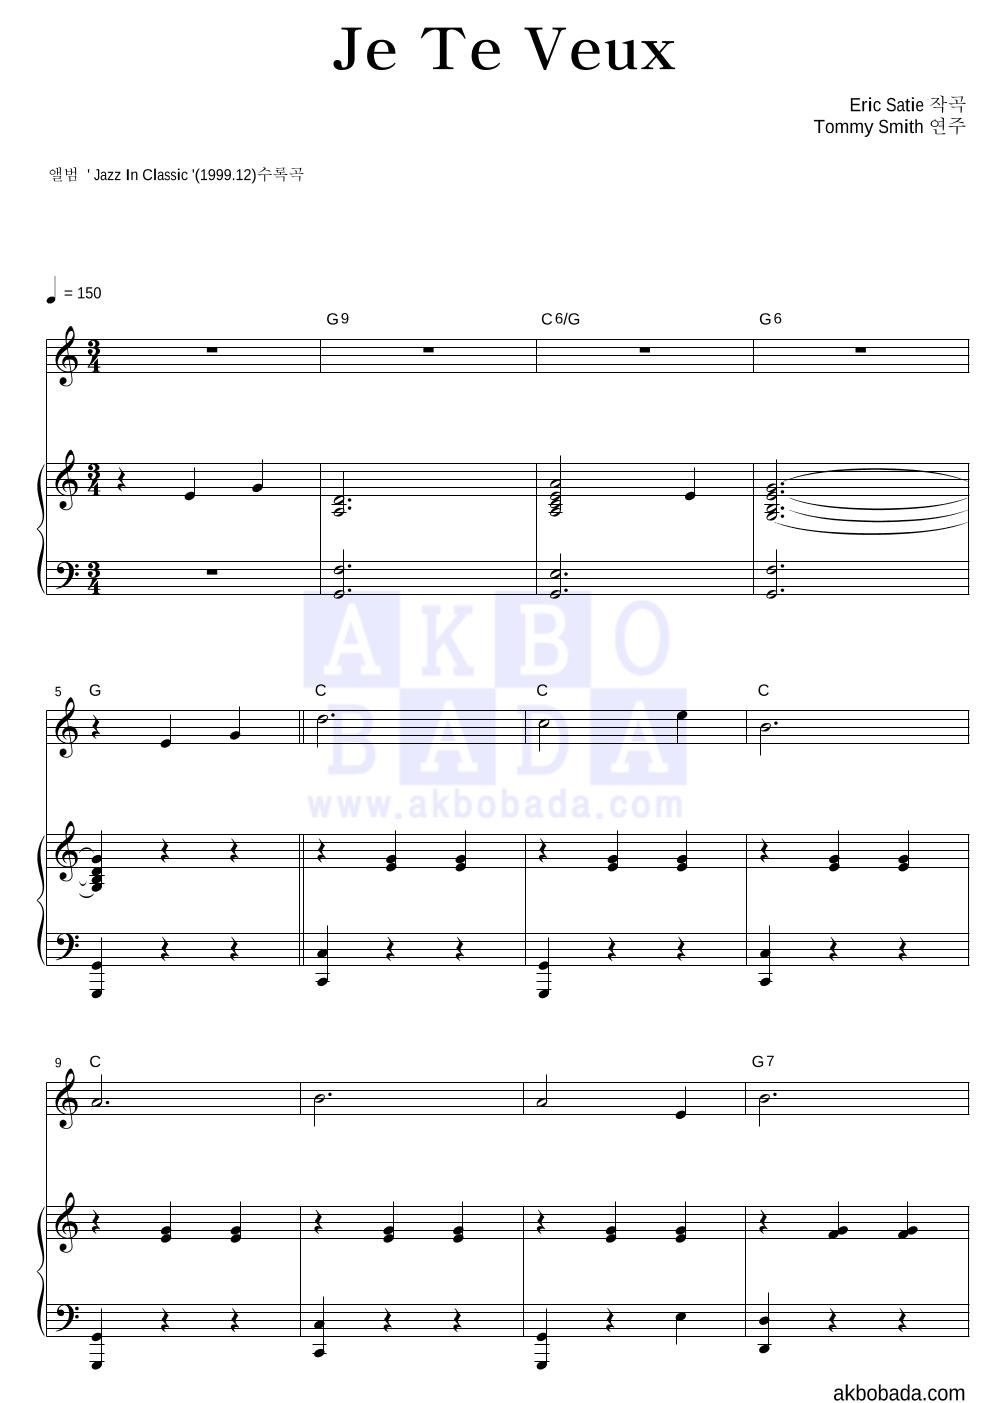 에릭 사티 - Je Te Veux 피아노 3단 악보